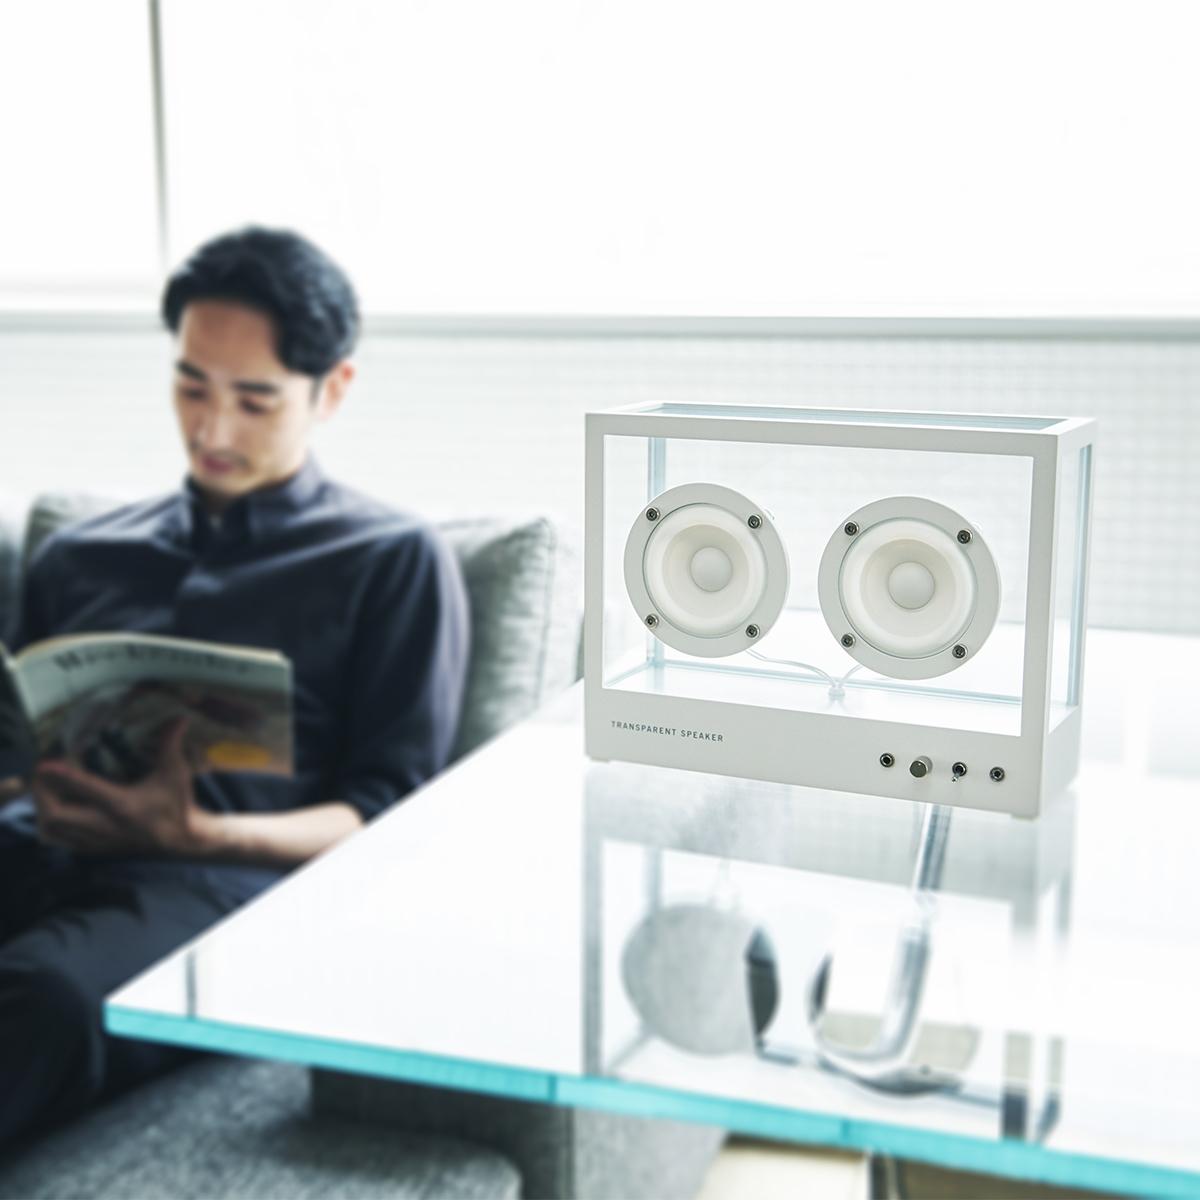 おしゃれで高音質、おすすめ Bluetoothスピーカー6選|ライフスタイルを格上げするスピーカーの選び方